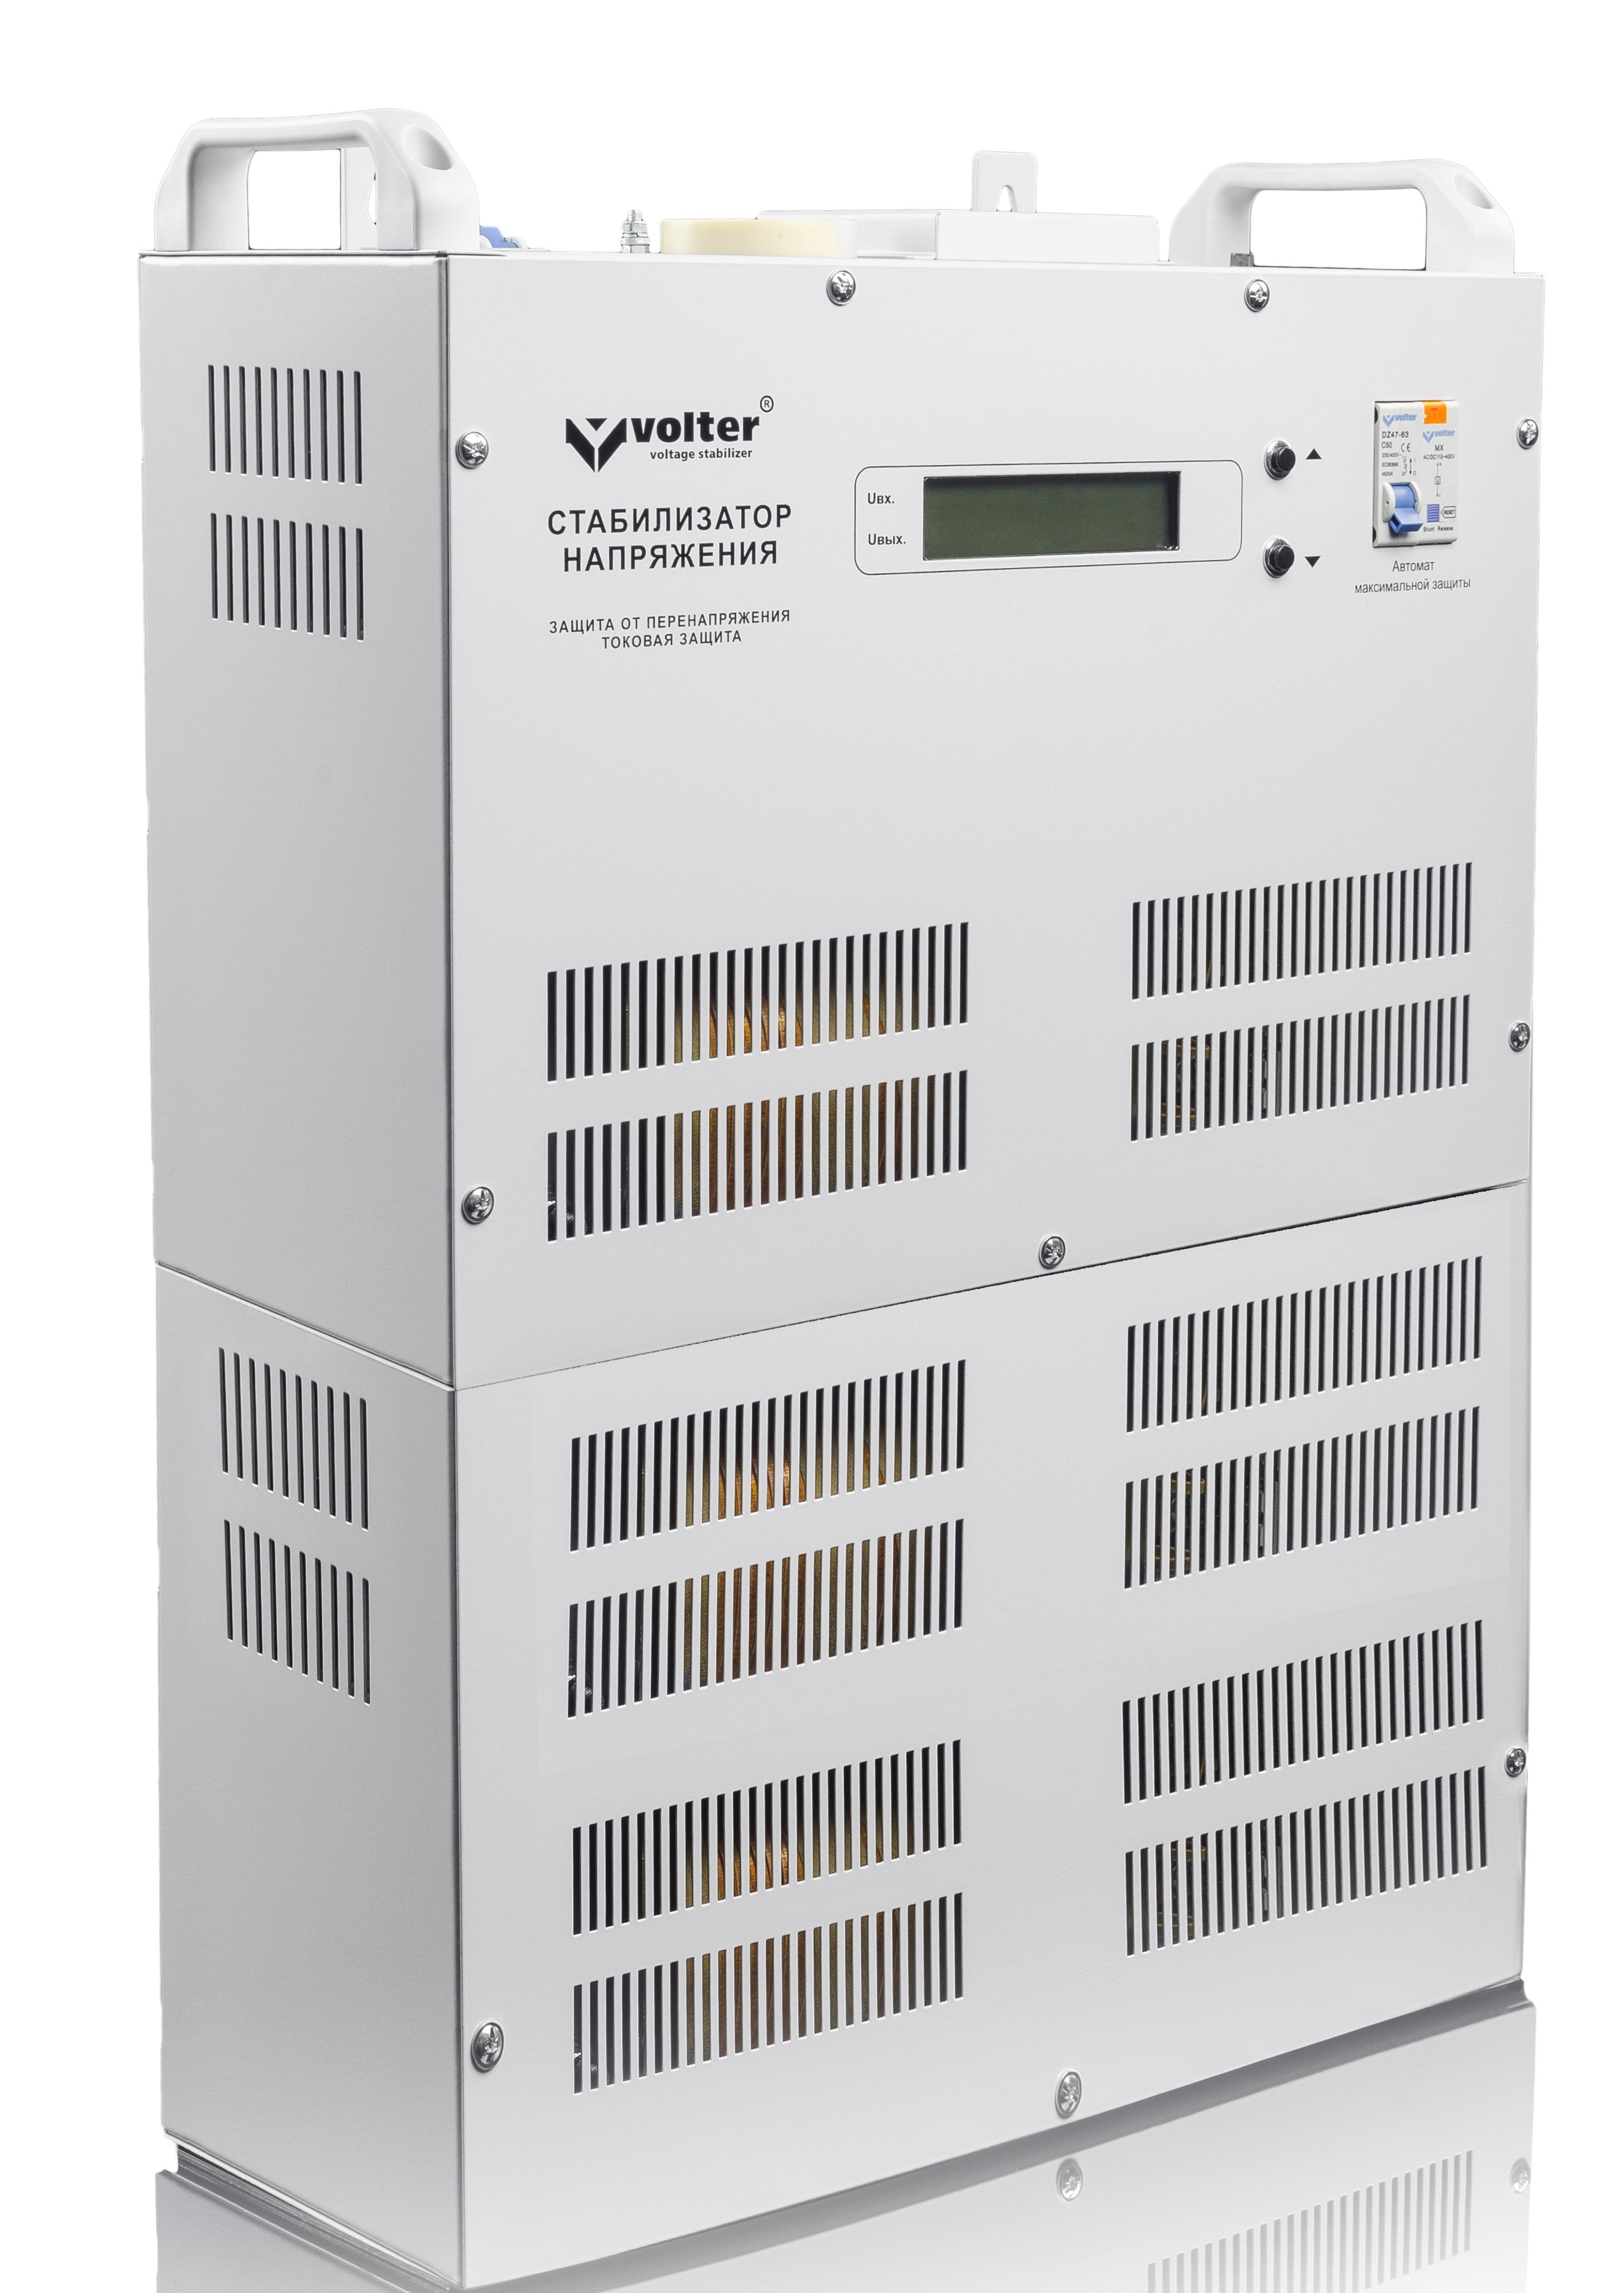 Стабилизатор напряжения дома вольтер схема понижающего стабилизатора напряжения